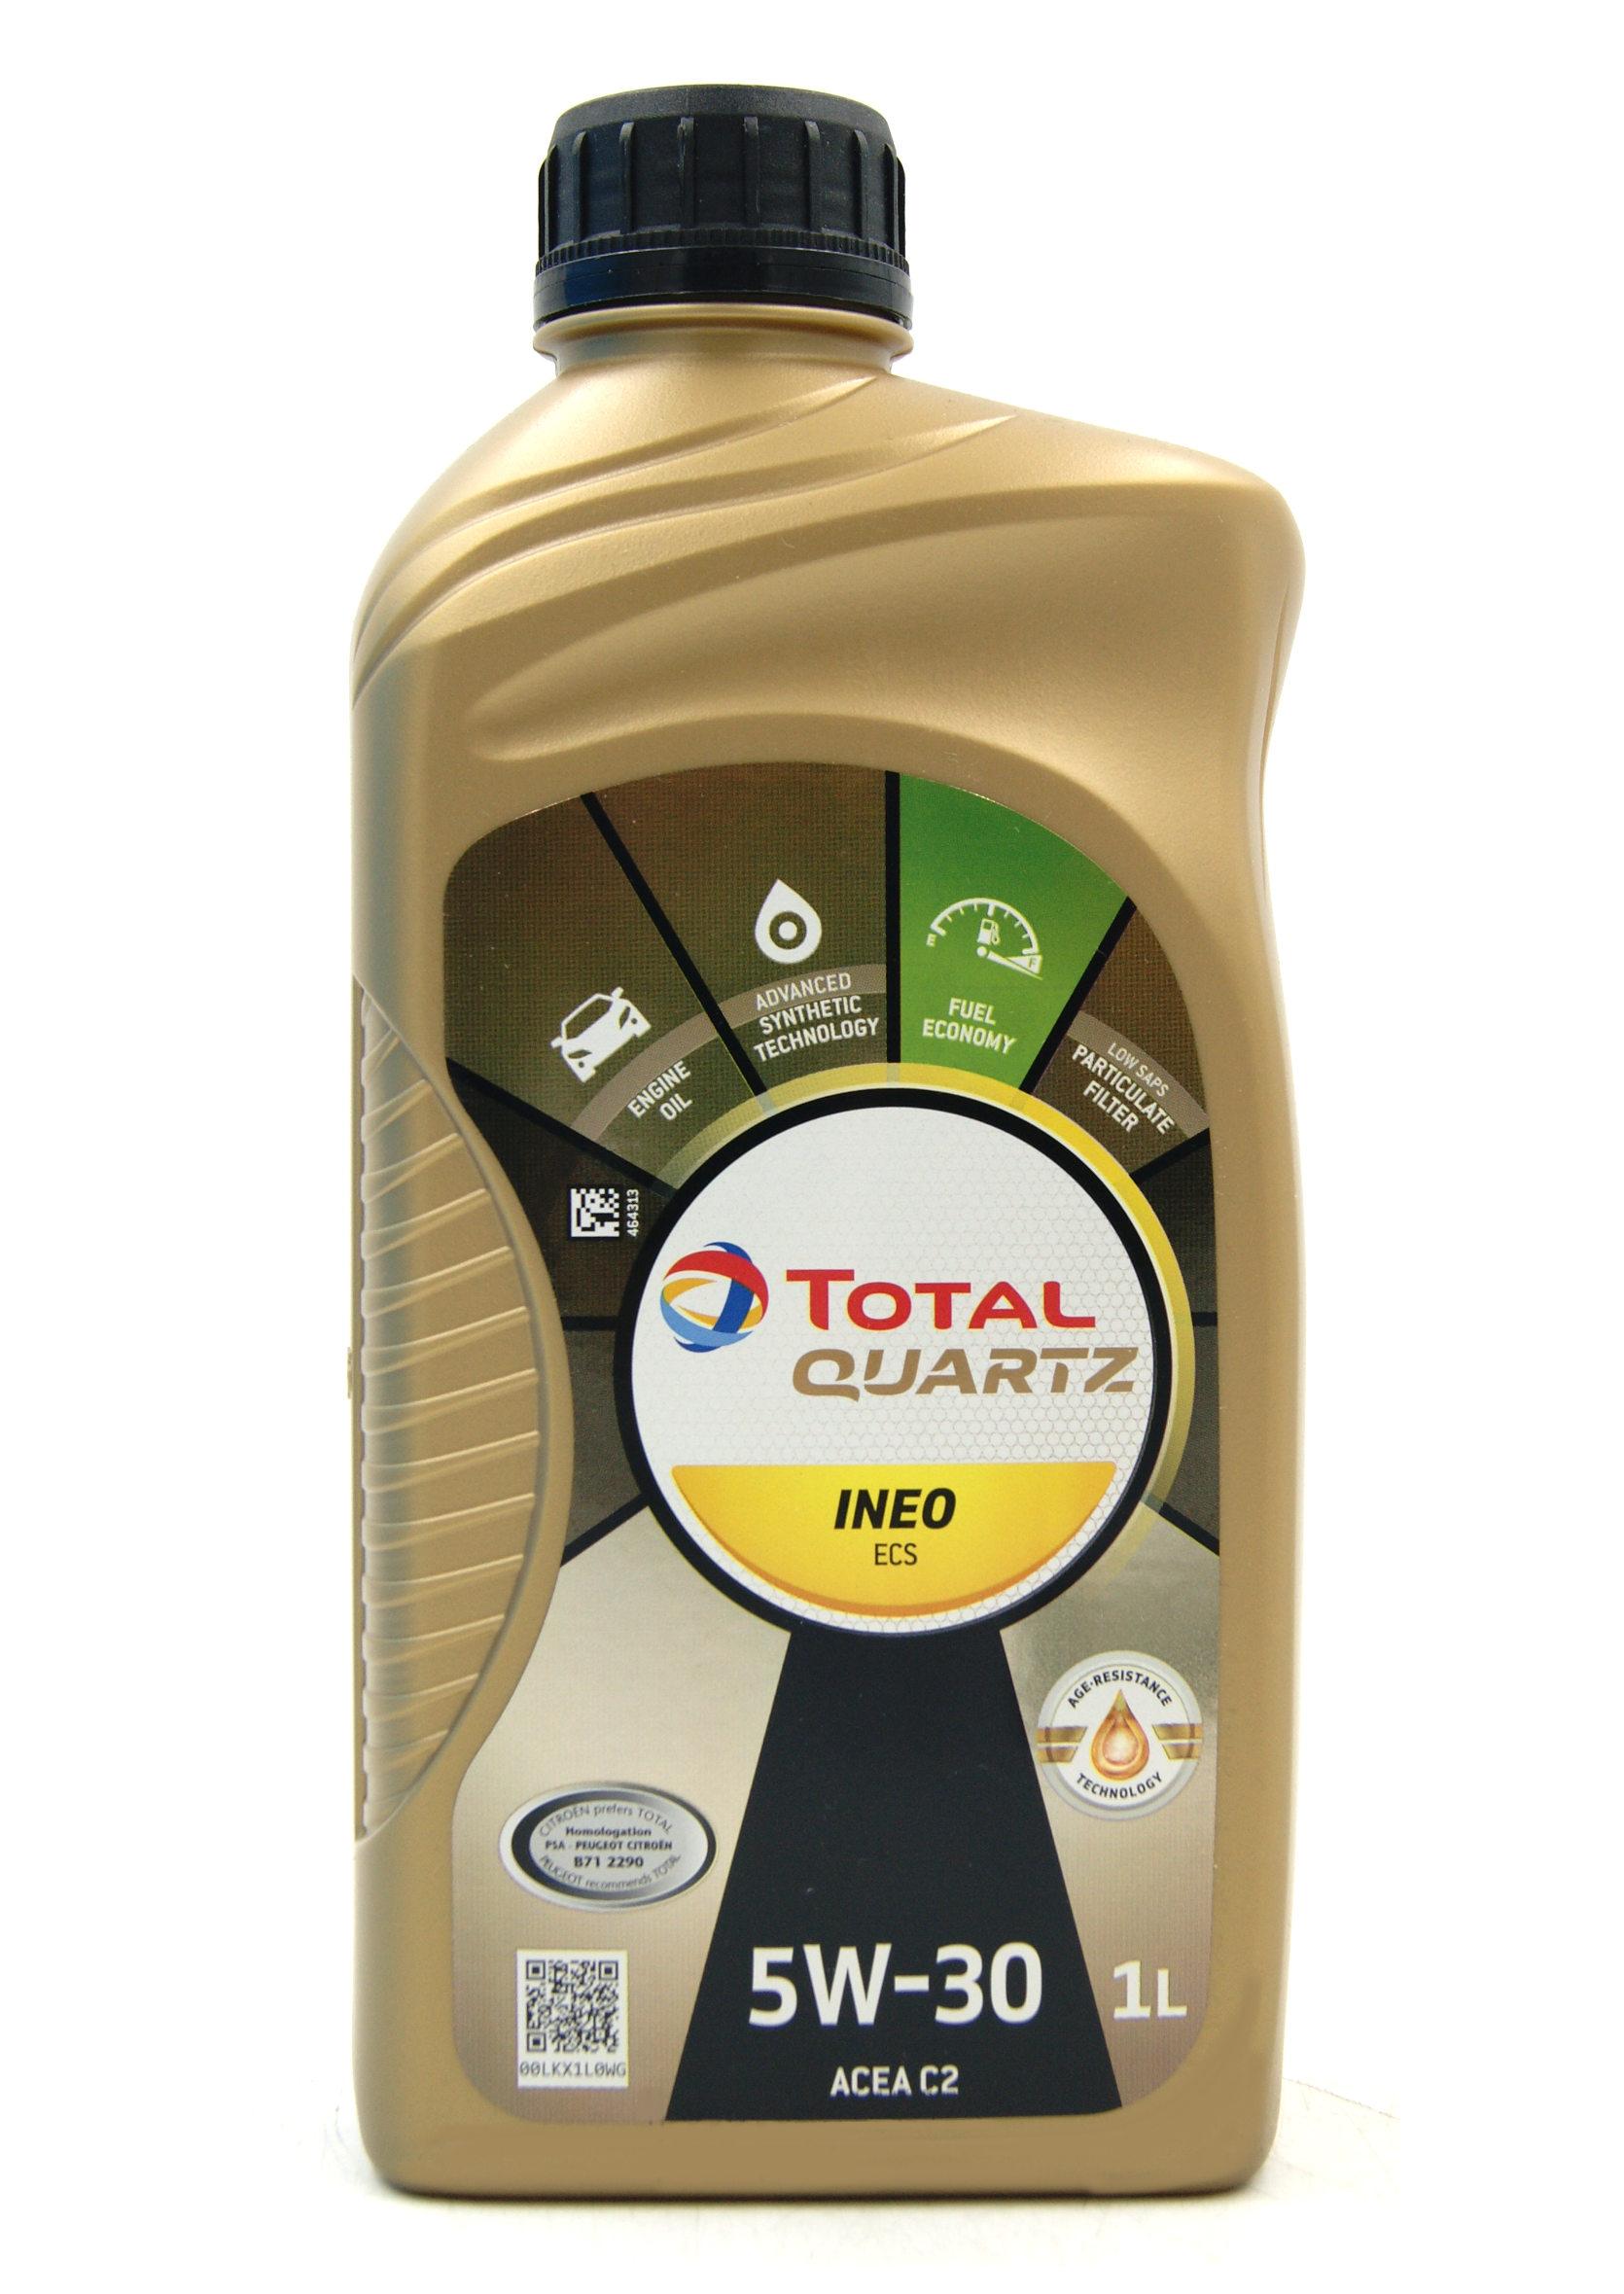 Total Quartz Ineo ECS Fuel Economy 5W30 1L Olej Silnikowy Syntetyczny